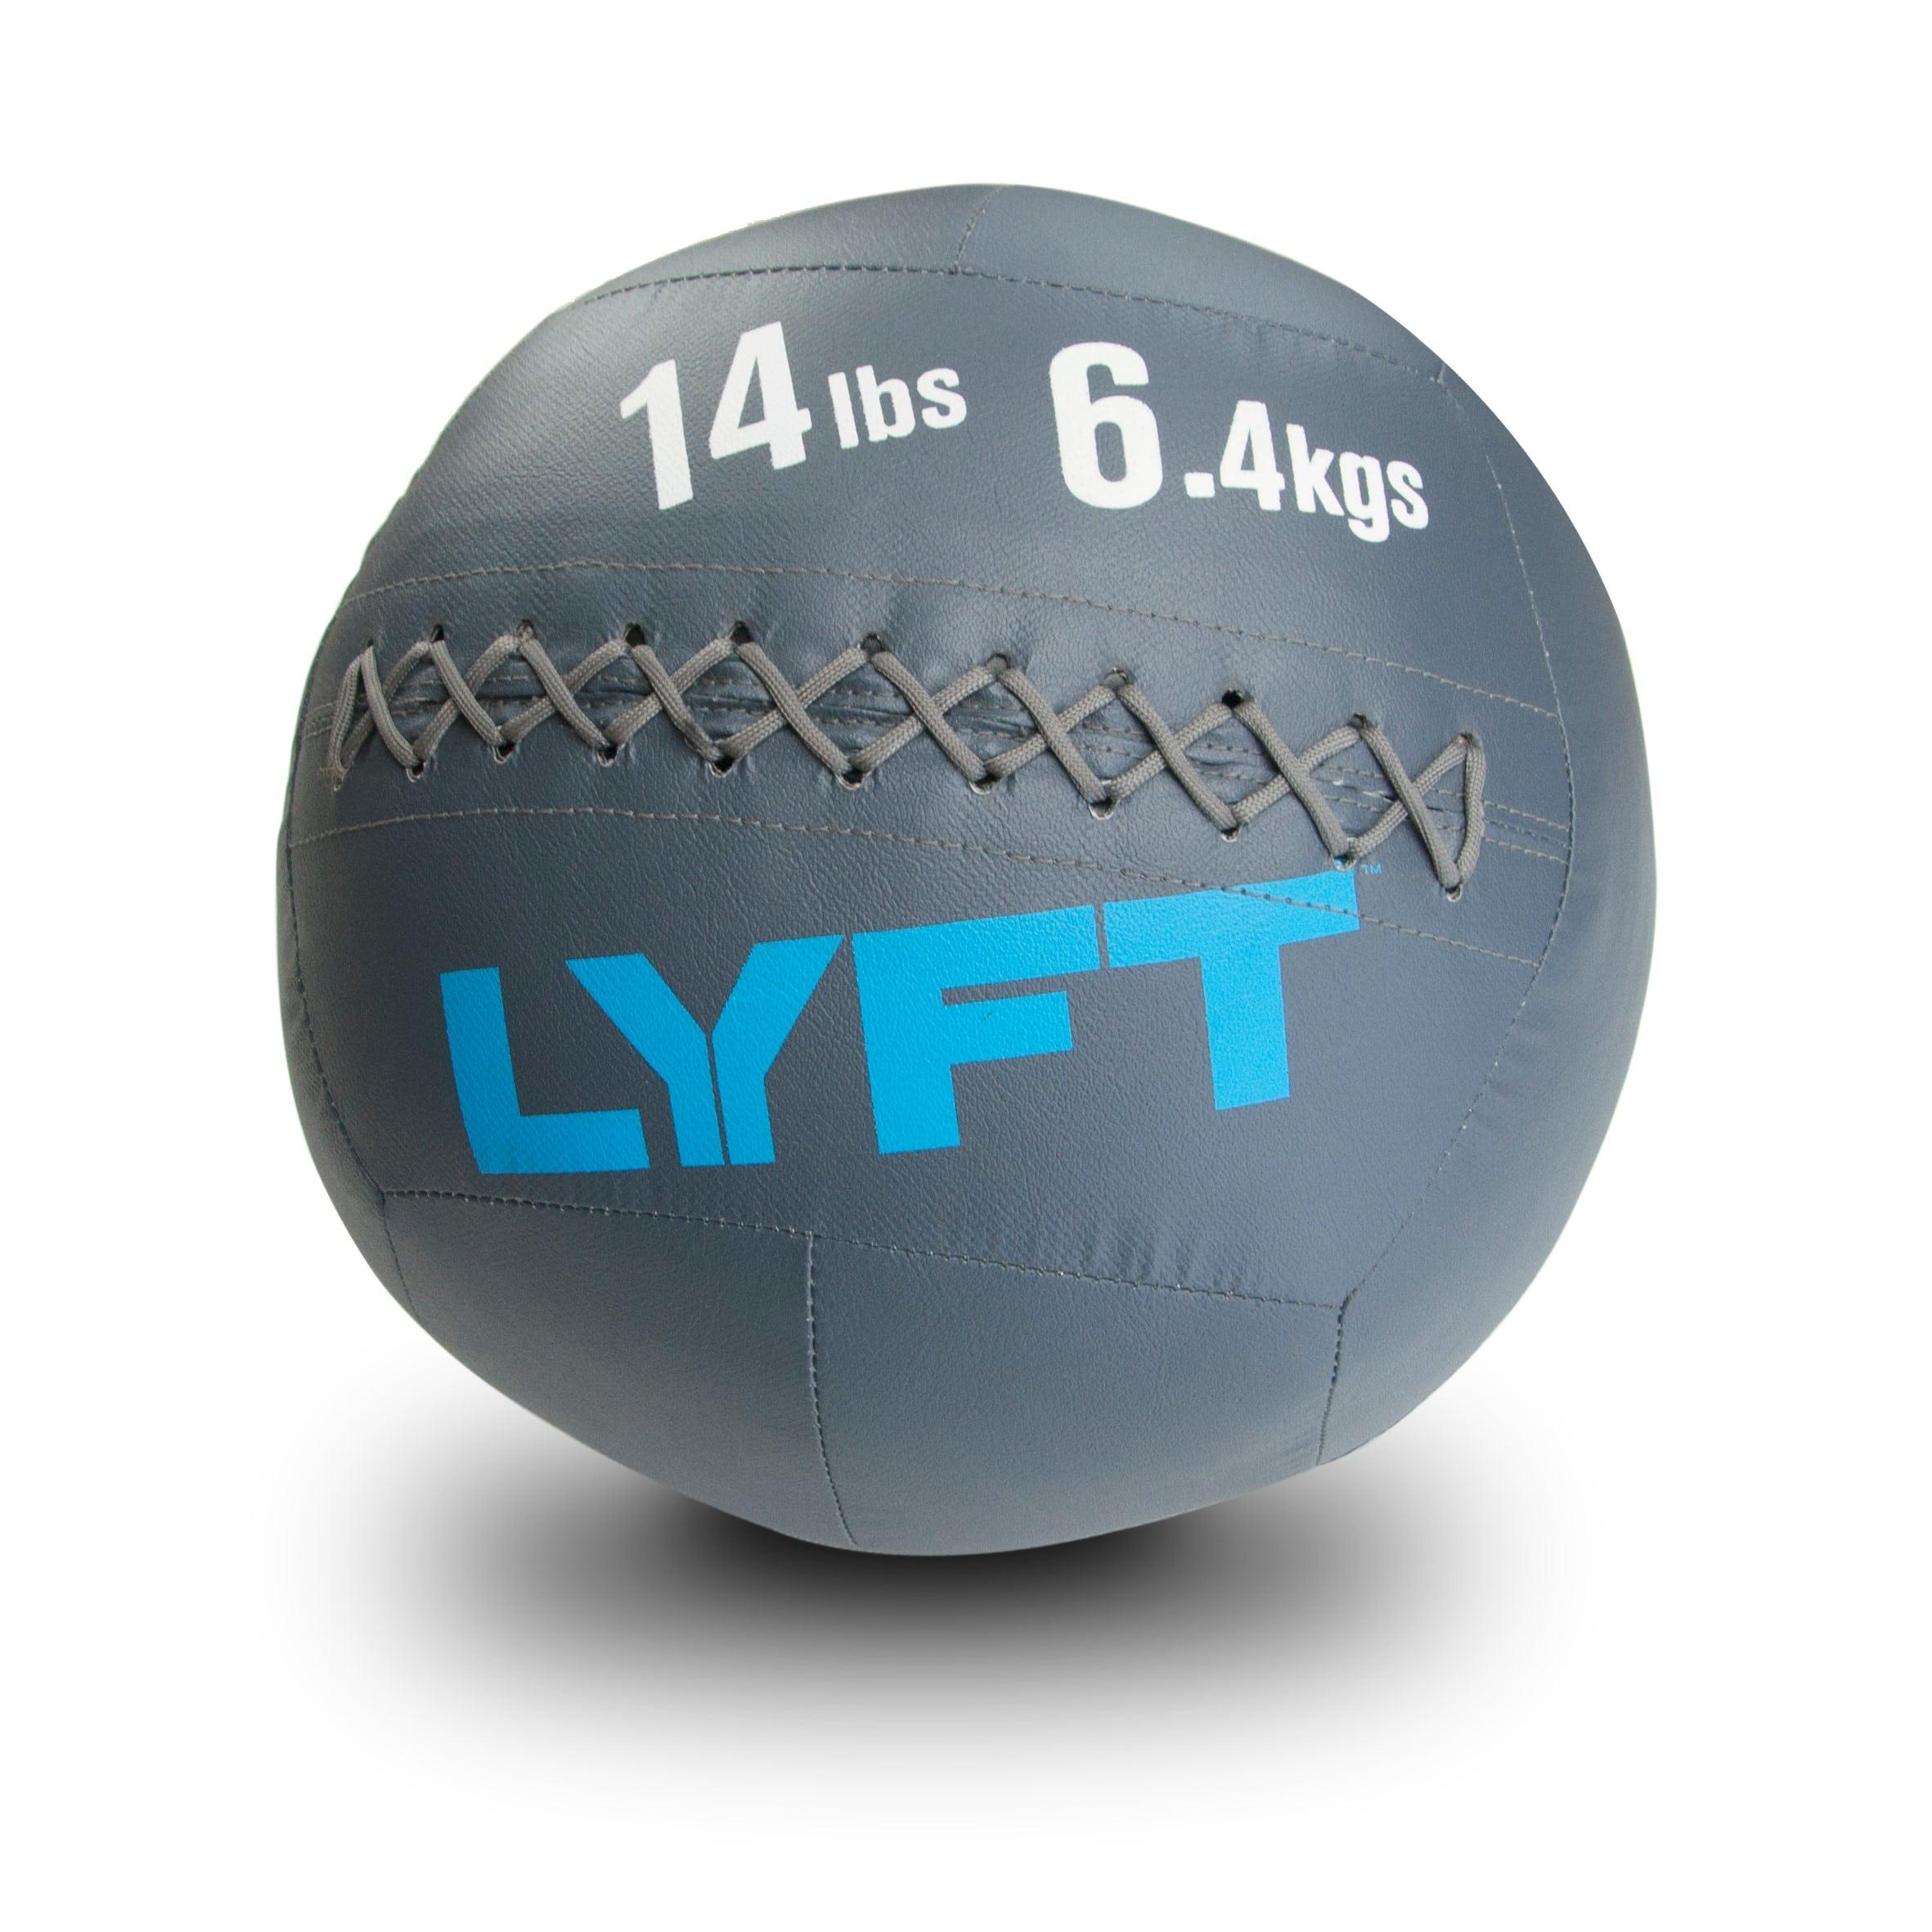 LYFT WALL BALL MAY2018